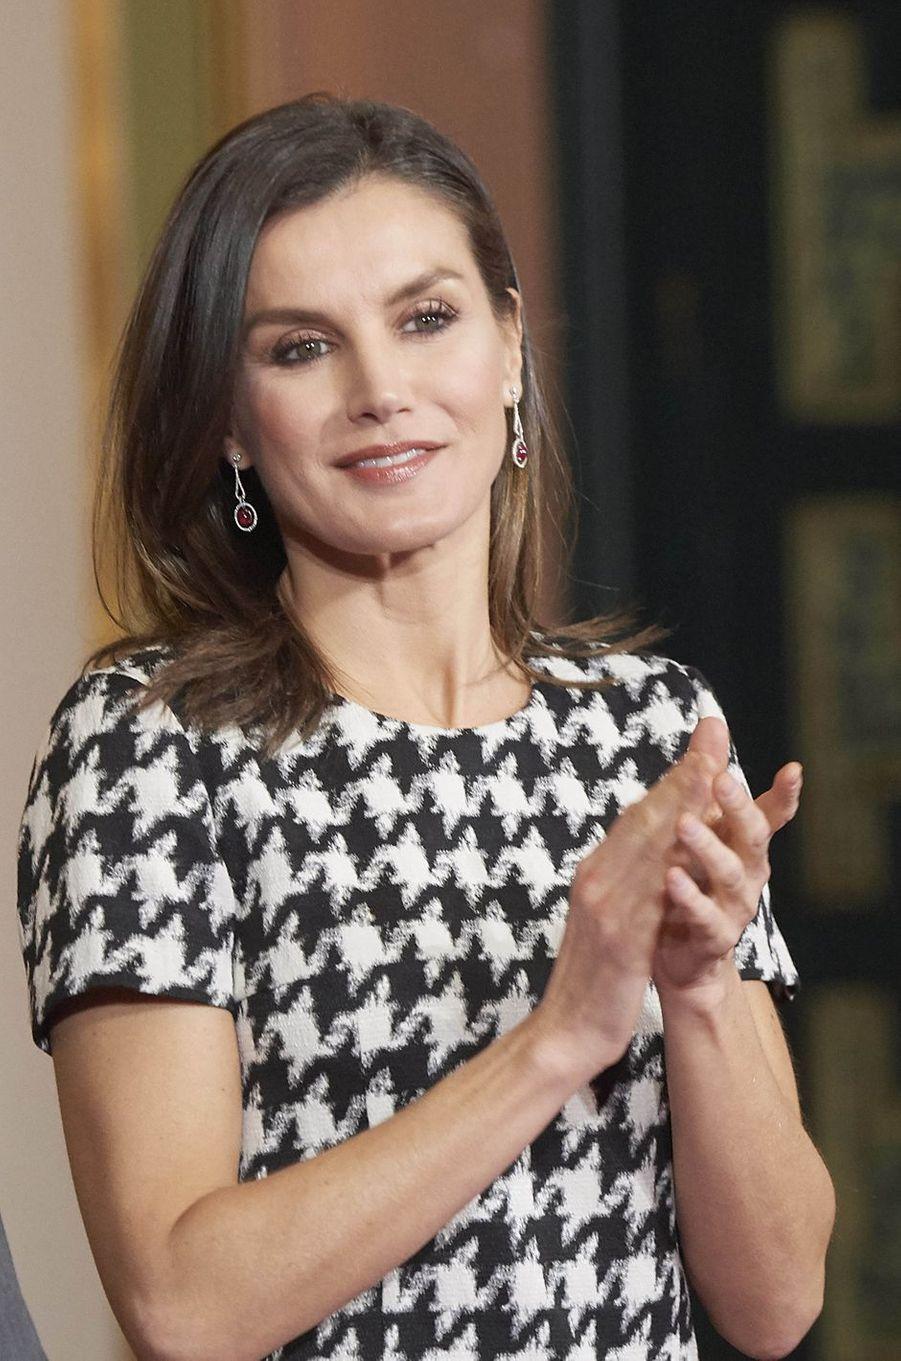 La reine Letizia d'Espagne à Cordoue, le 18 février 2019